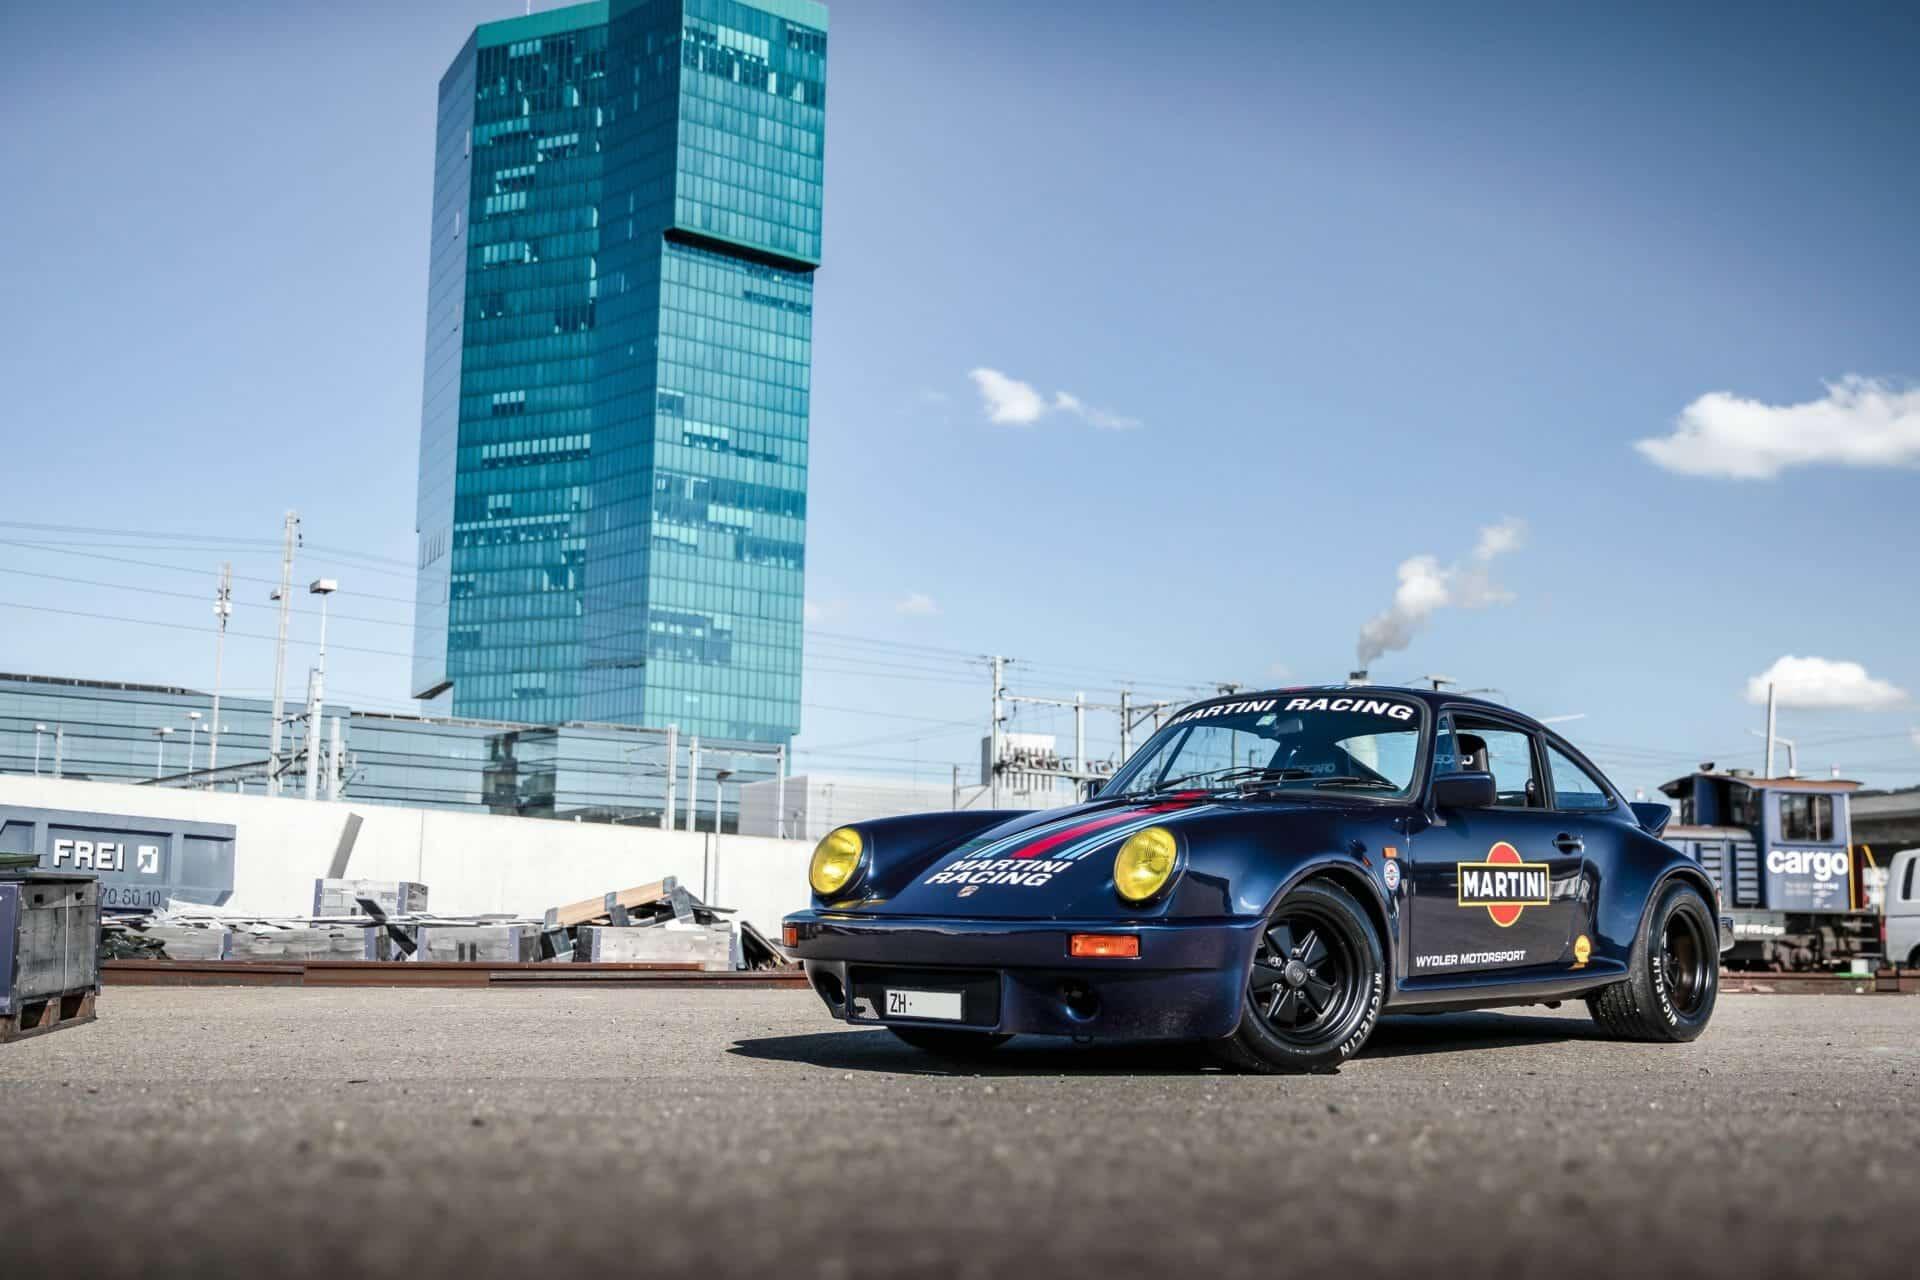 Porsche 911 Martini81 - Picture 1